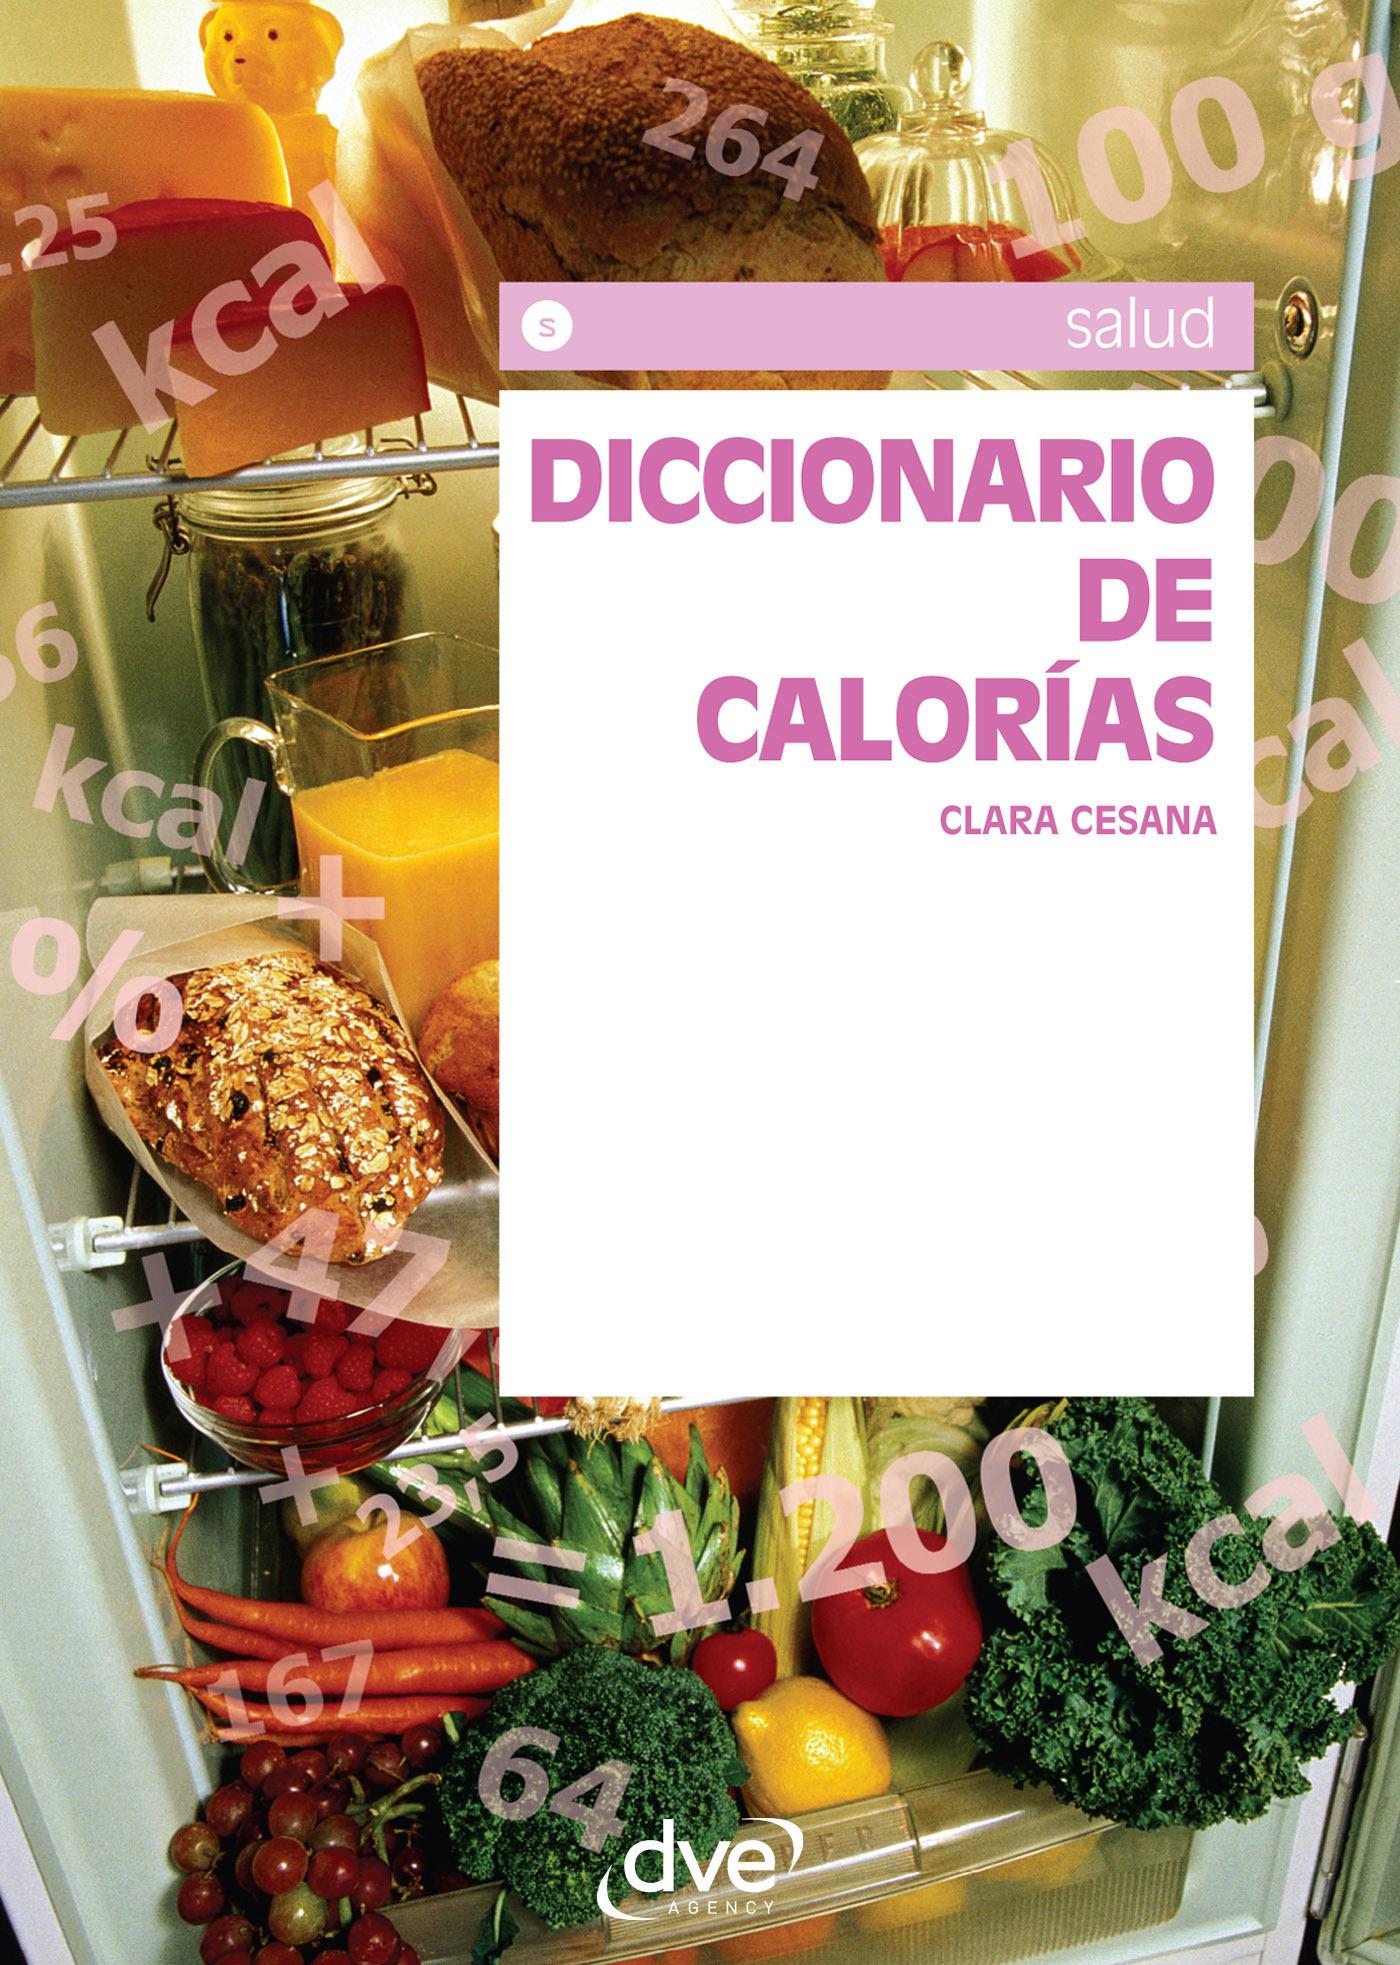 Cesana, Clara - Diccionario de calorías, ebook